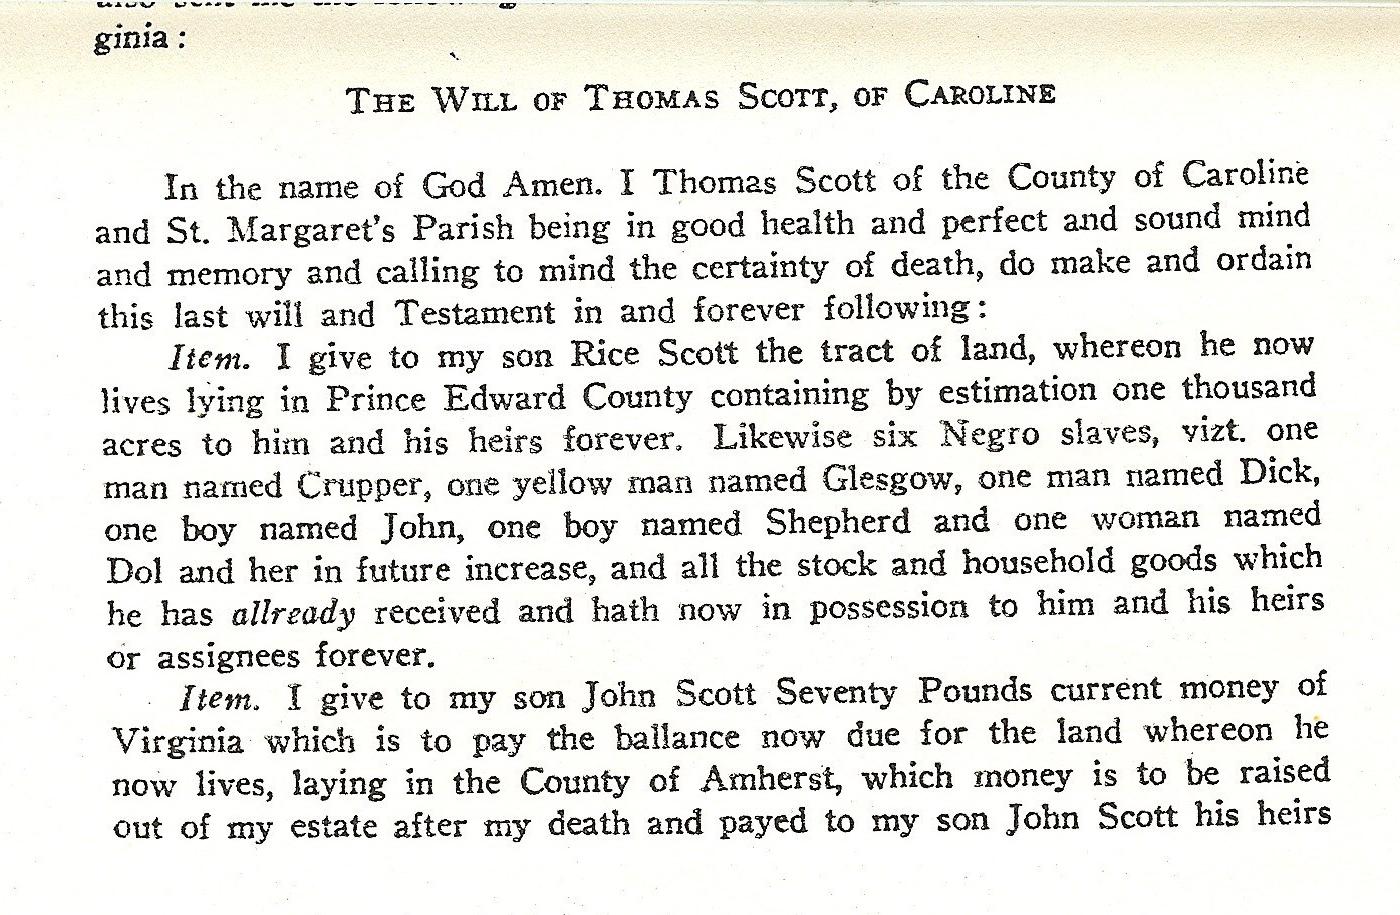 Will of Thomas Scott, of Caroline, Nov. 1772,Pg 1